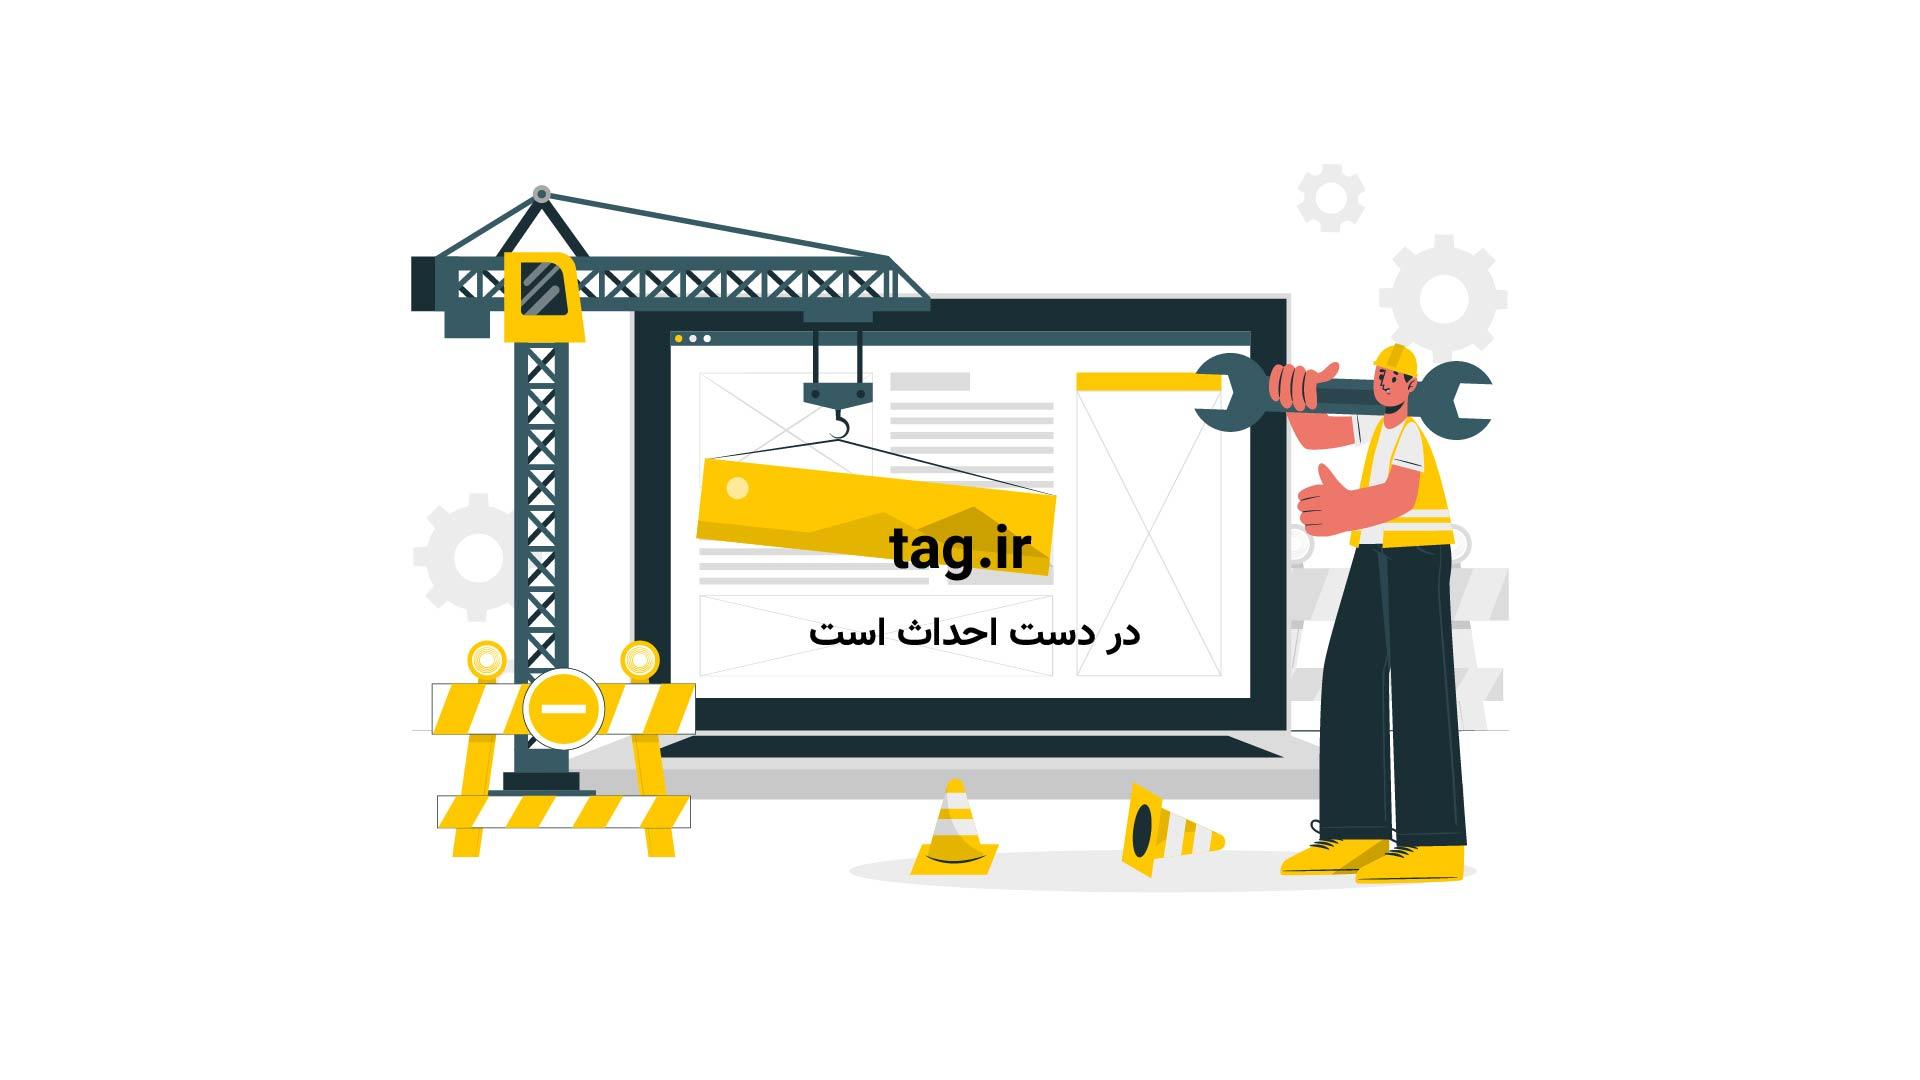 عناوین روزنامههای صبح چهارشنبه 17 آذر   فیلم